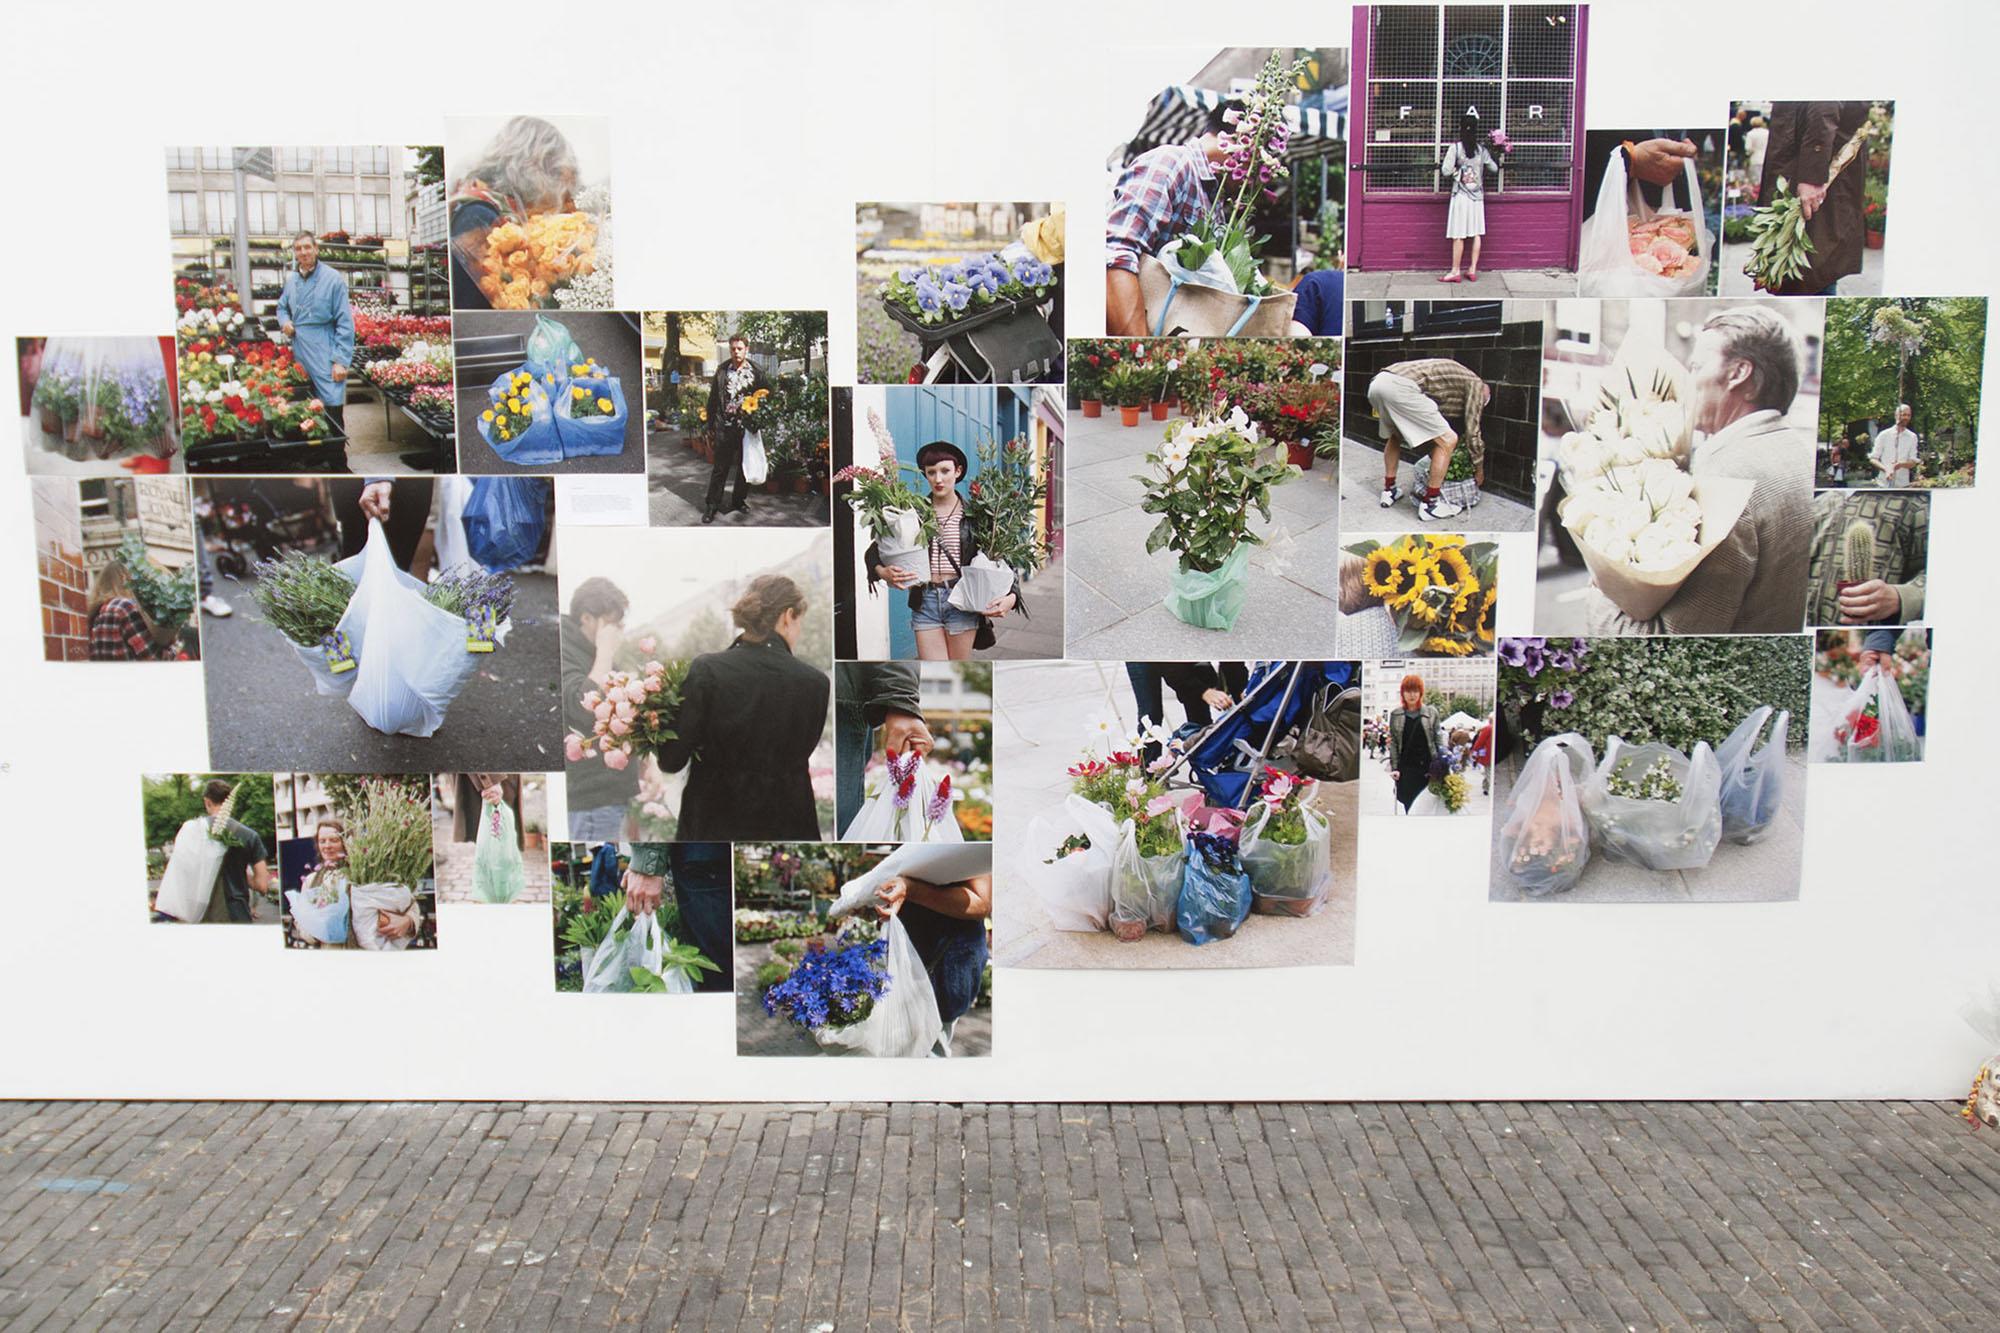 Flowermarket_expo